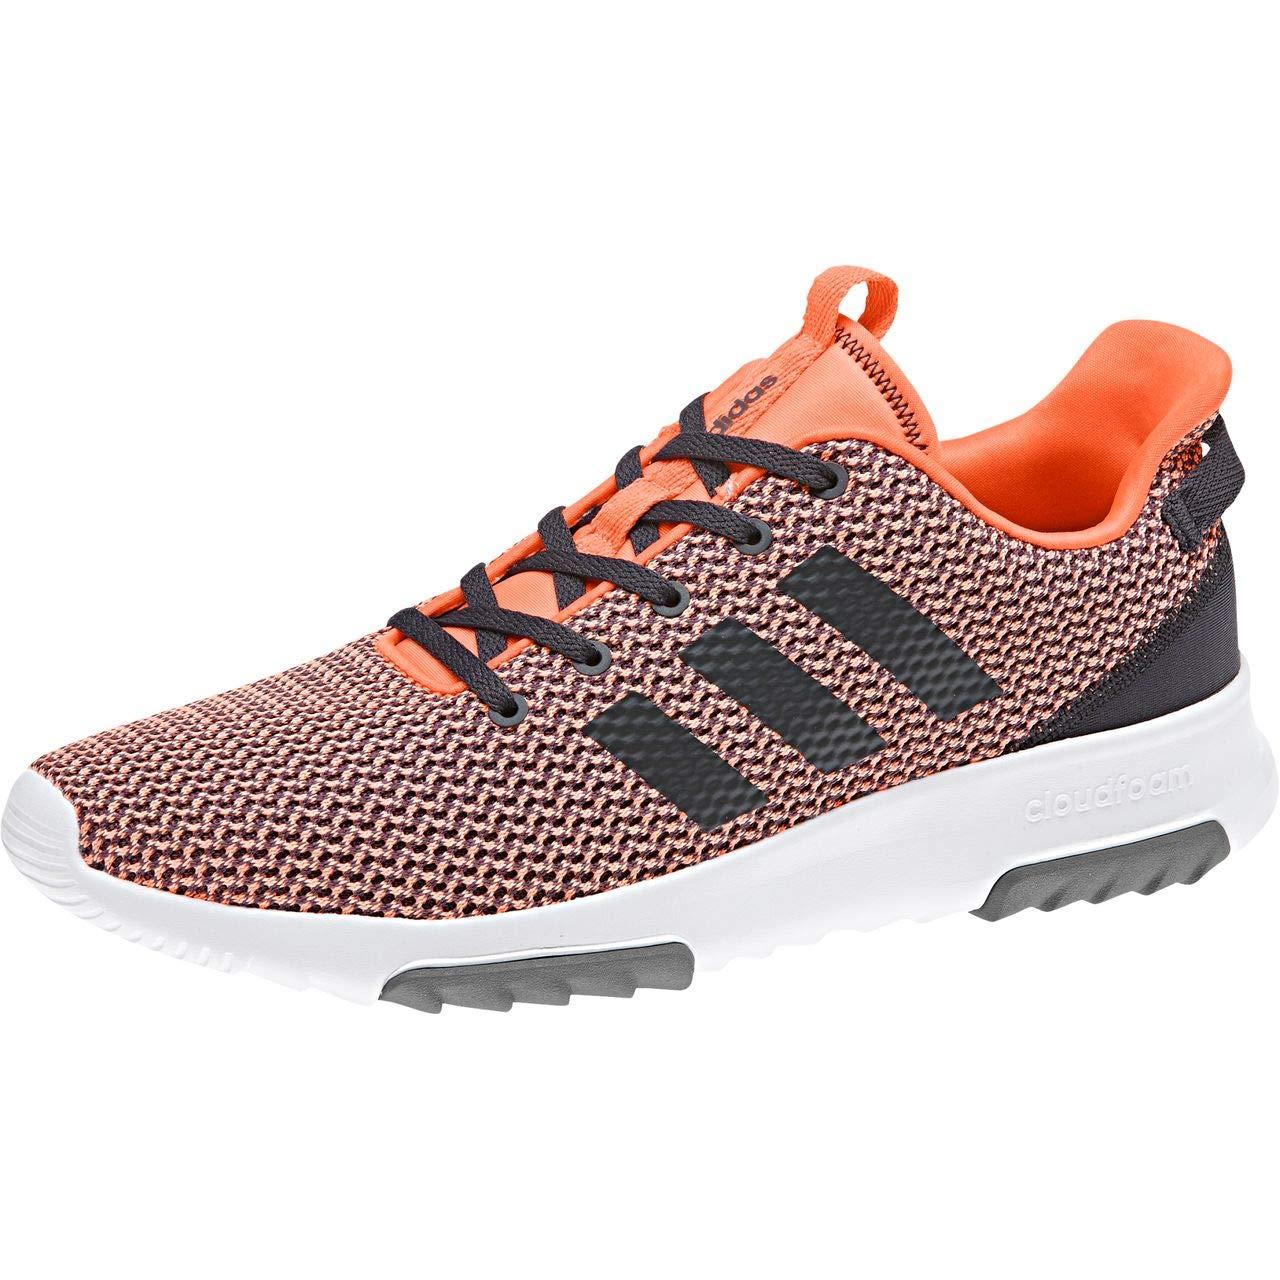 Adidas CF Racer TR, Zapatillas Zapatillas Zapatillas de Trail Running para Hombre d50fb6